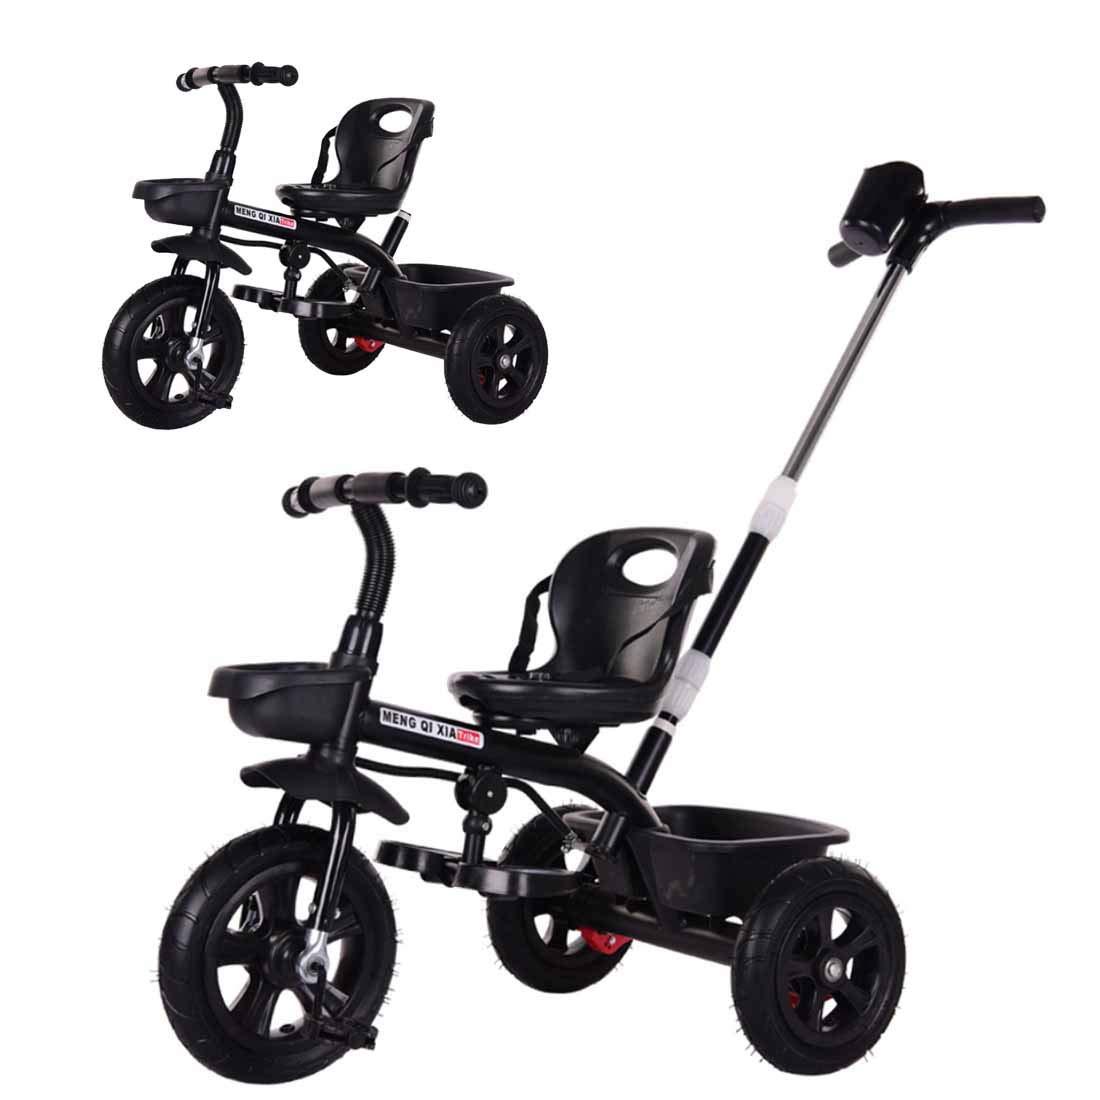 noir  MUYU Trolley 2 en 1 pour Enfants avec Tricycle à pédales Poussoir détachable Convient aux Enfants de 1 à 6 Ans